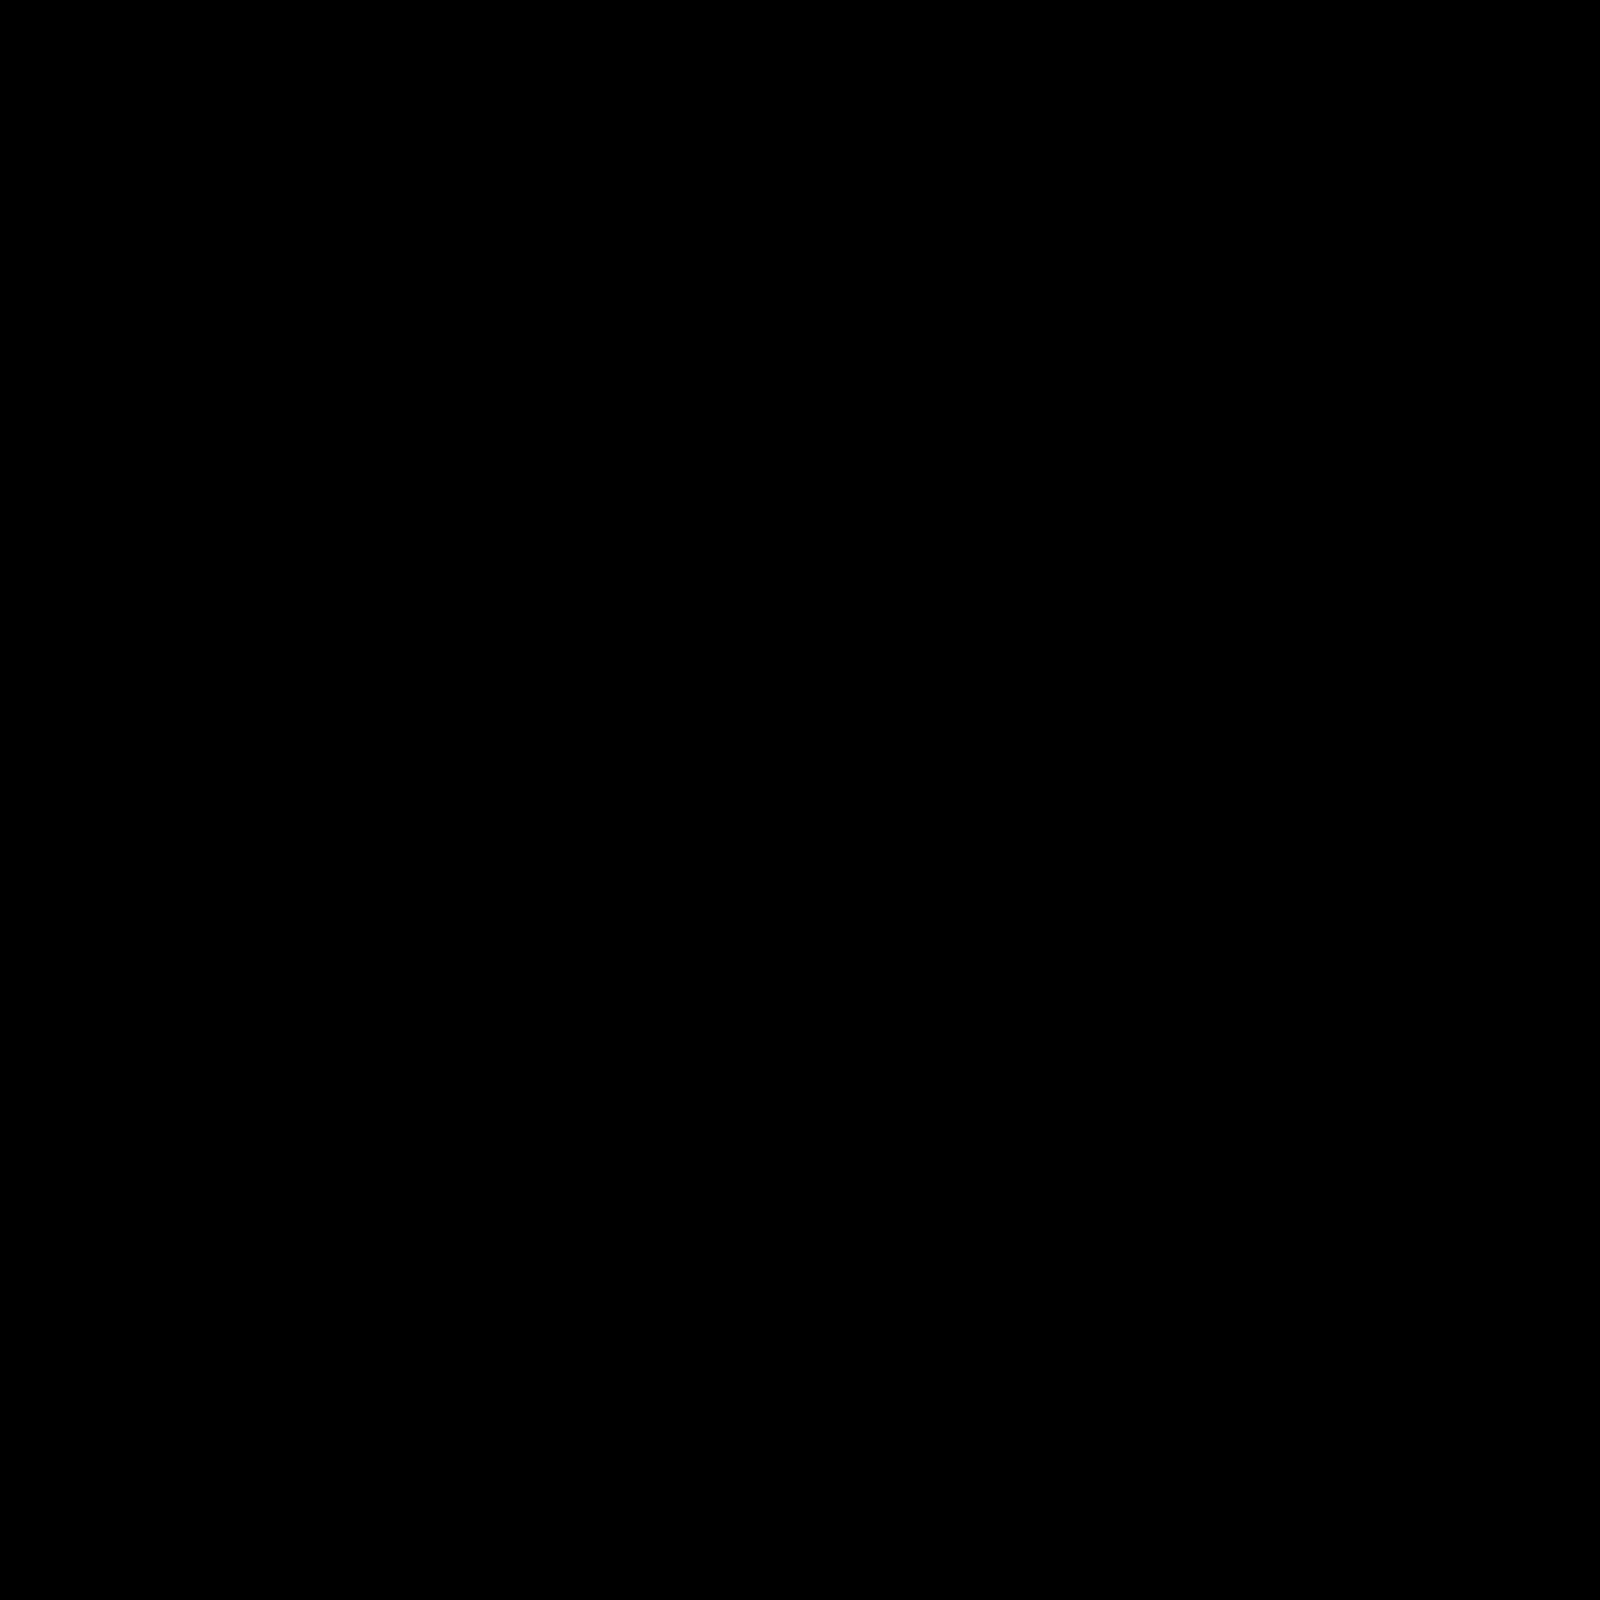 Głowa Klingońska icon